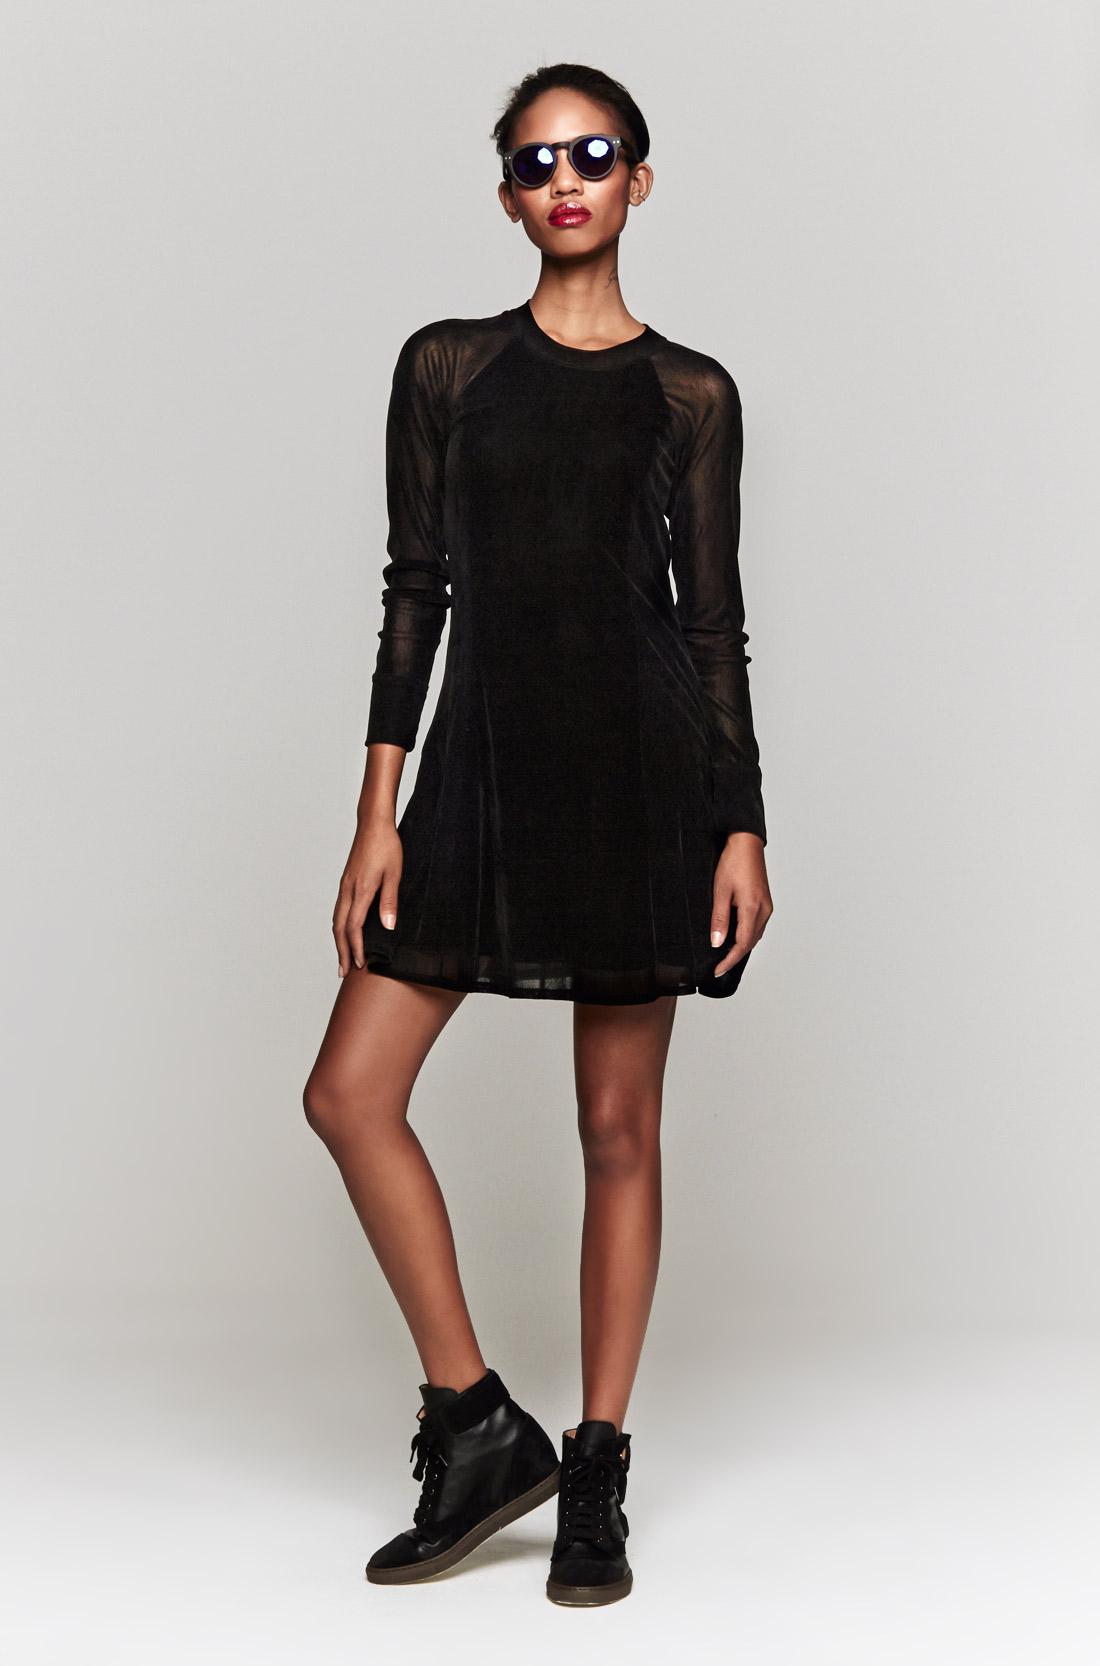 3afb526845 Theyskens' Theory Chupi Dress in Black - Lyst